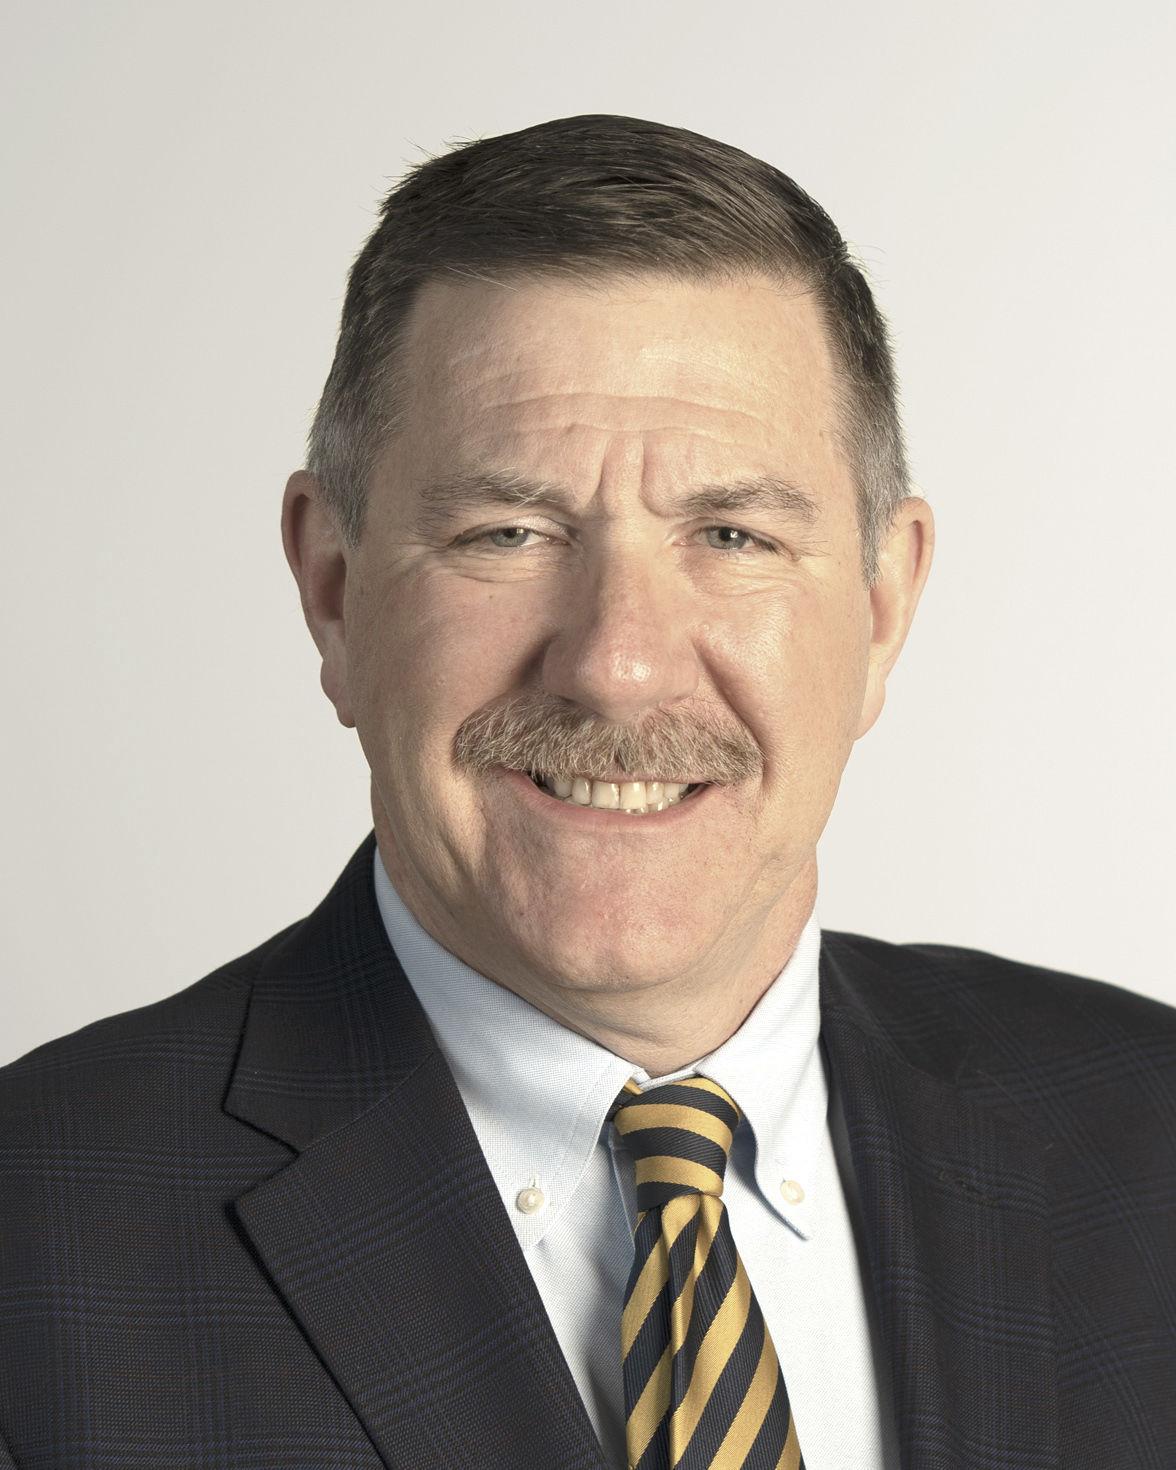 Headshot image for Dr. Kevin J. Gibbons